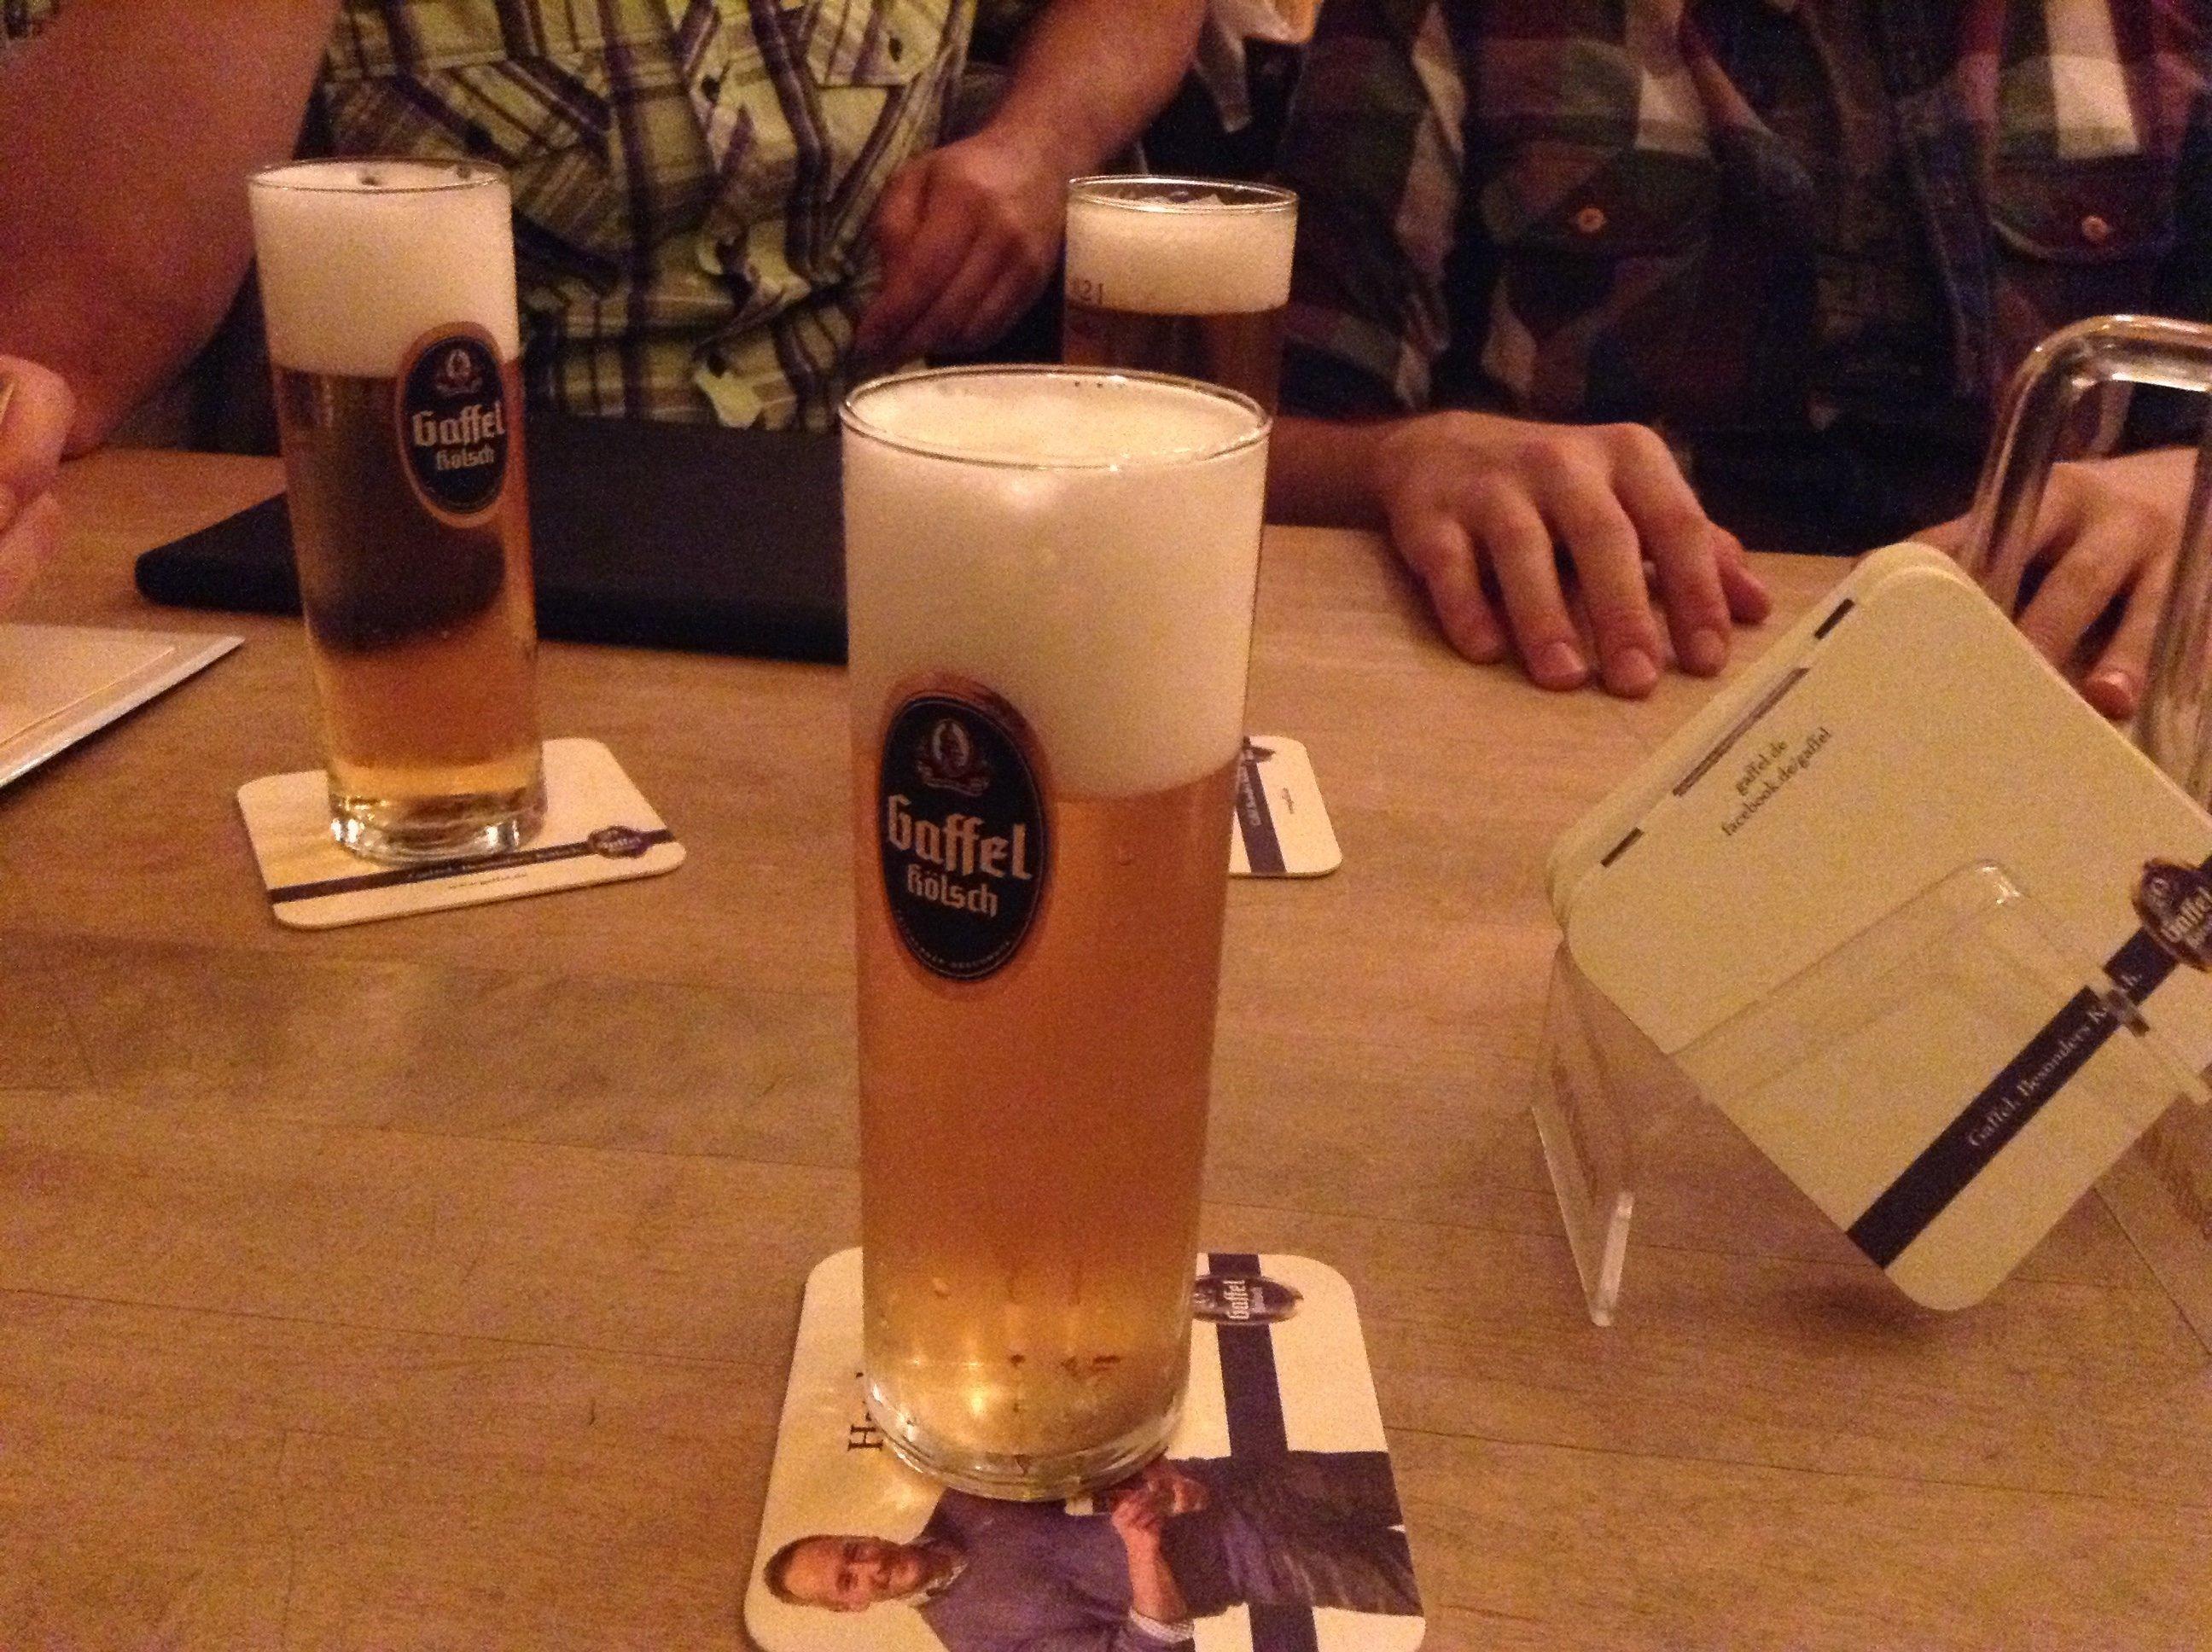 Пиво Кельш, о котором столько говорили все игрожурналисты в ожидании Геймскома - местный Кельнский сорт светлого пив ... - Изображение 1